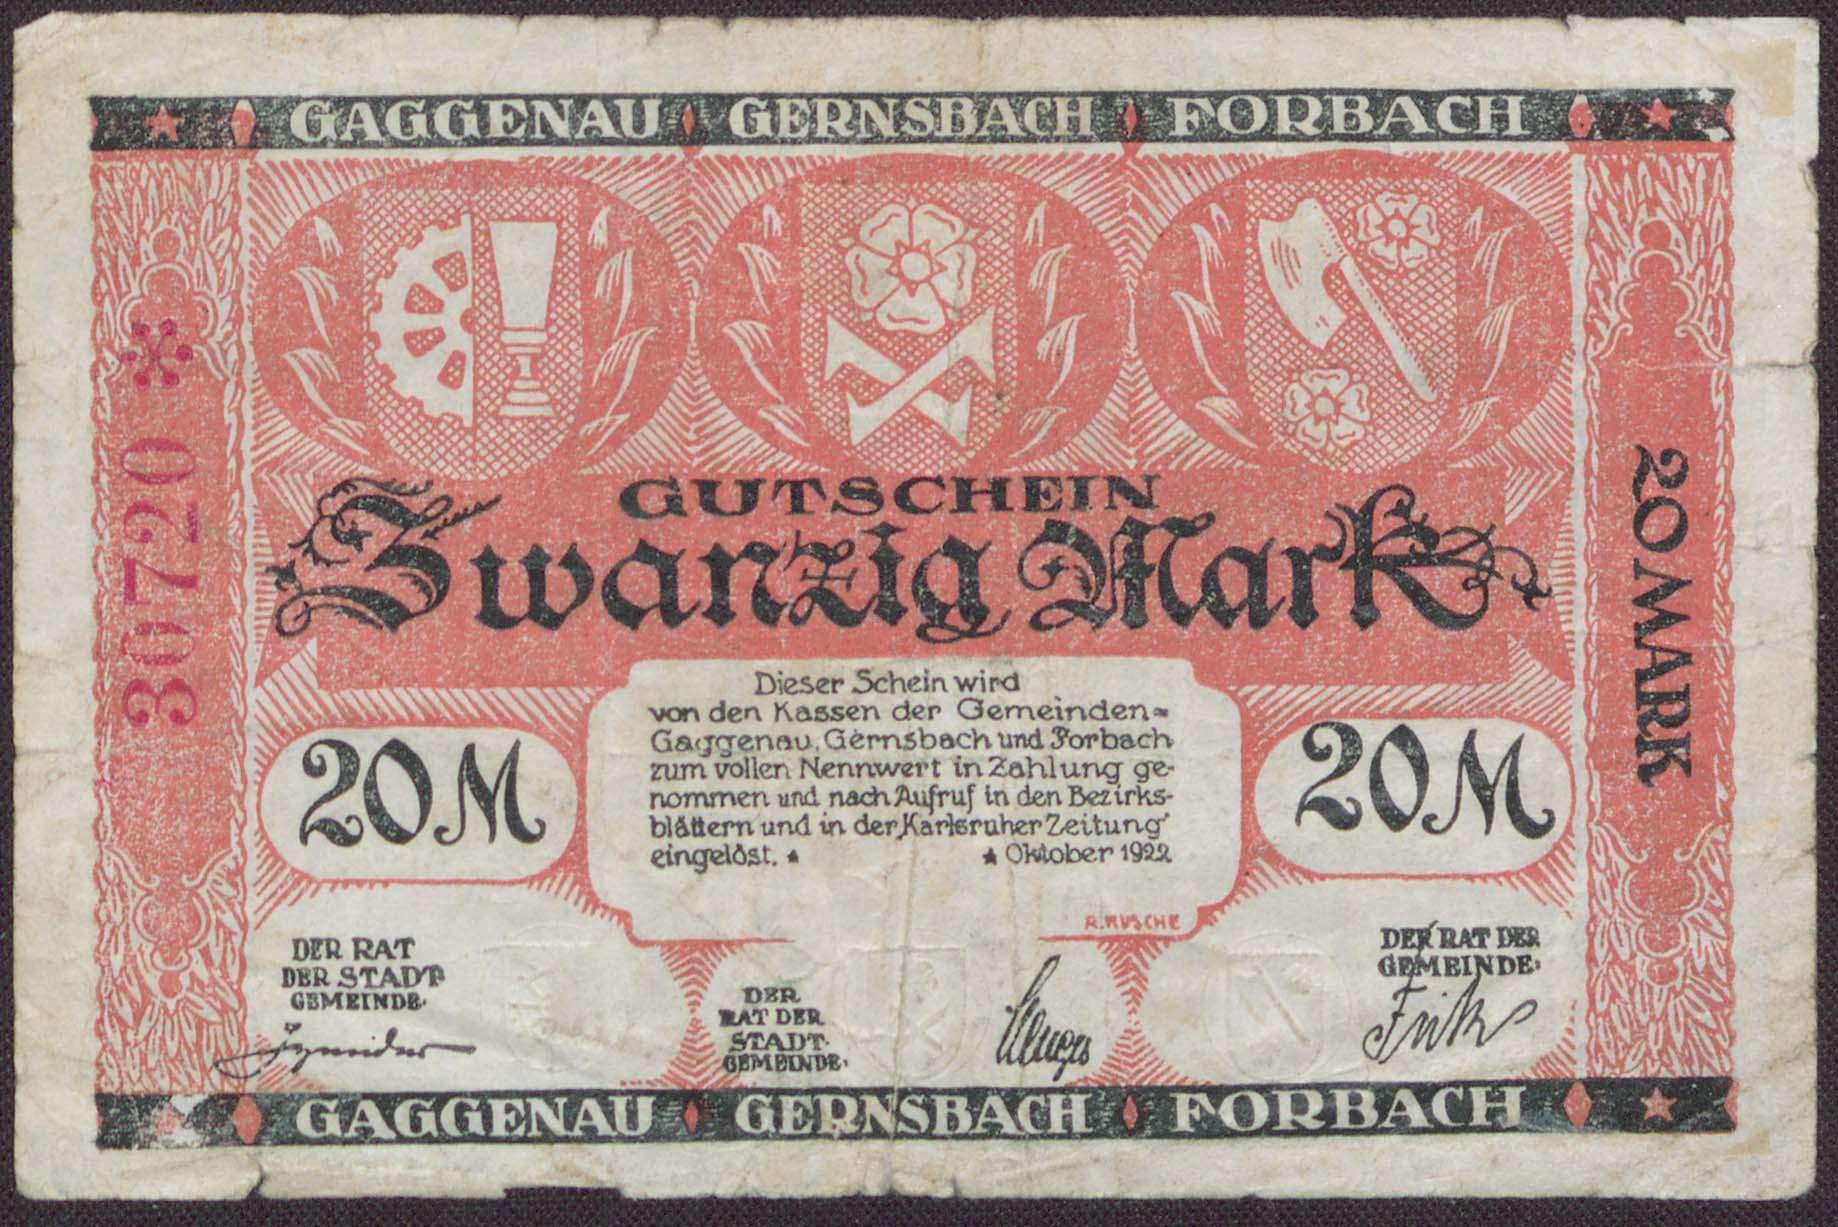 Gaggenau, Gernsbach, Forbach, Bild 1